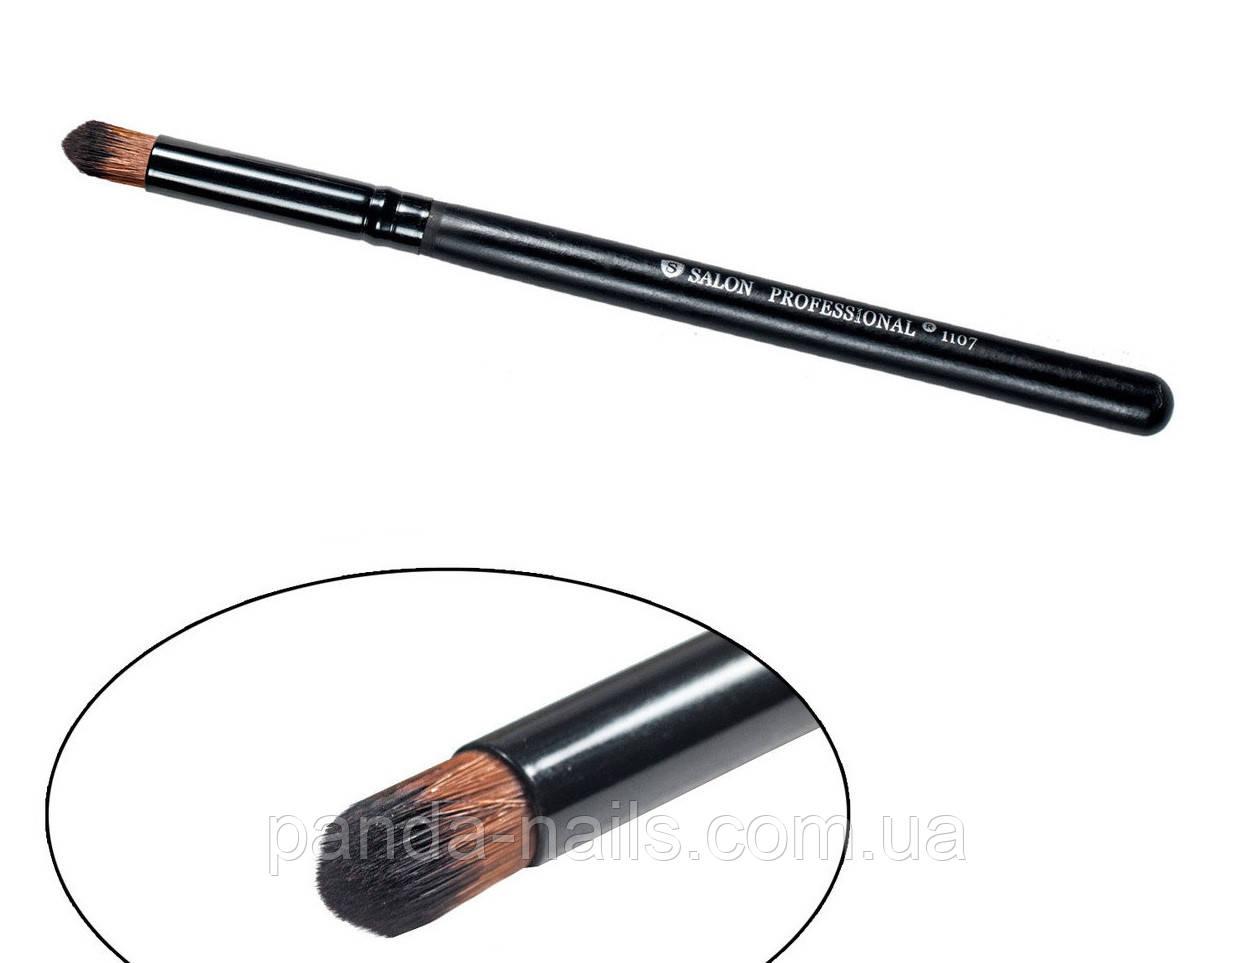 Кисть для теней Salon Professional 1107